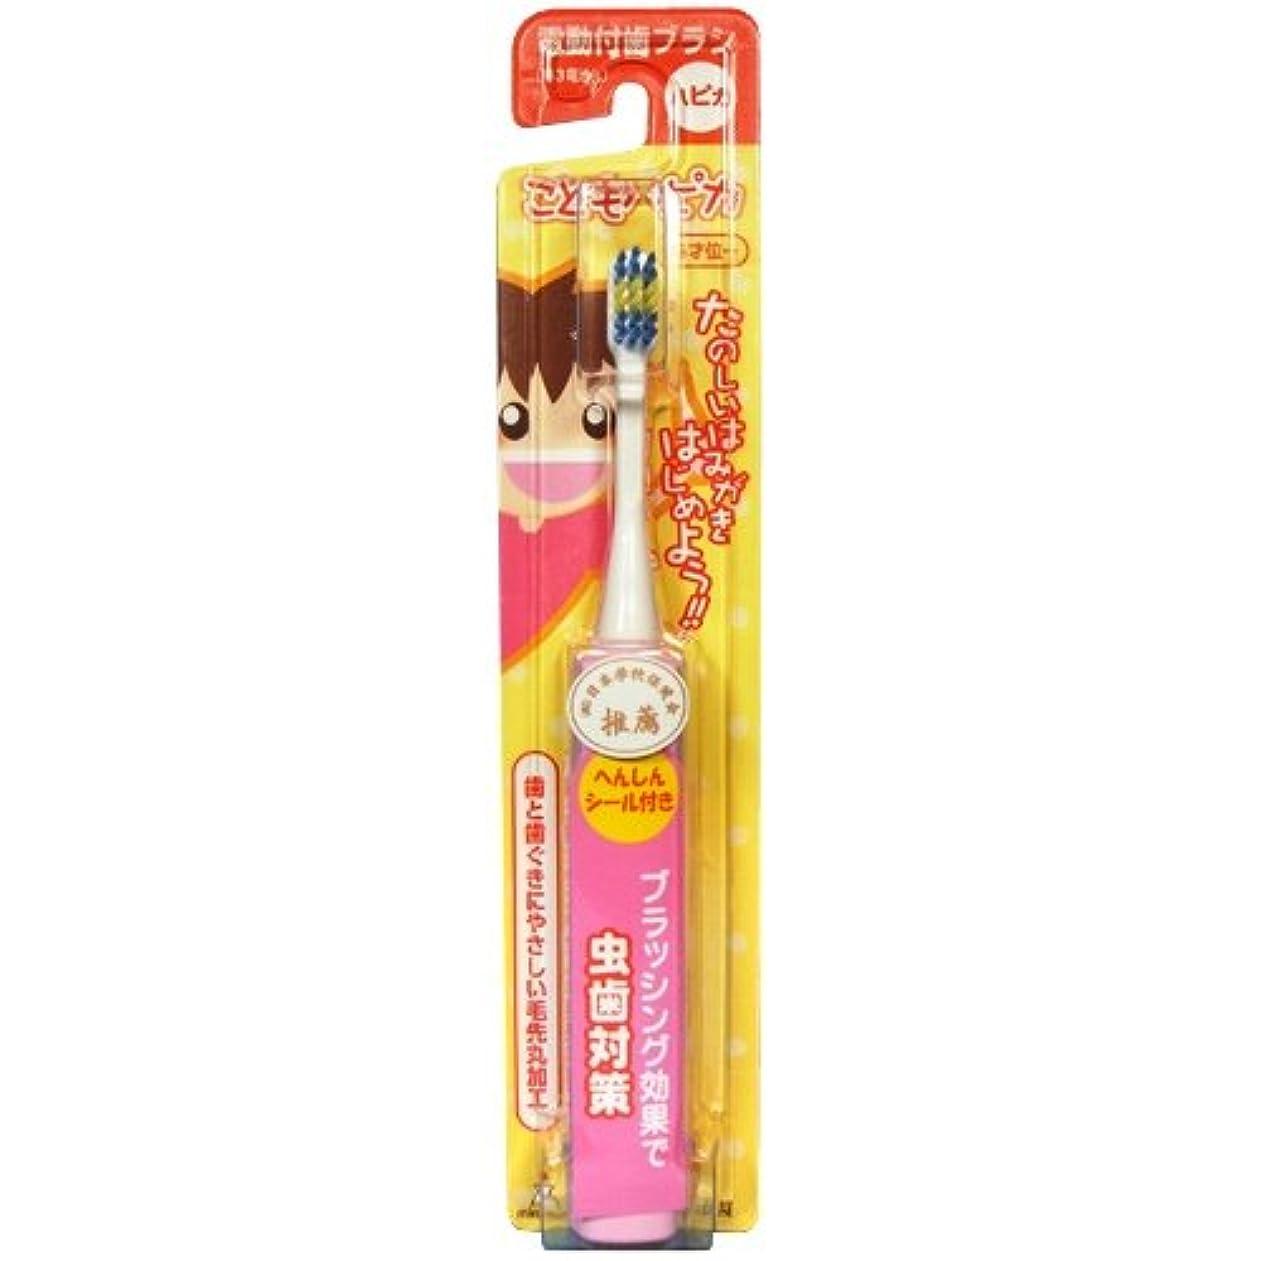 ペレグリネーション戦術データミニマム 電動付歯ブラシ こどもハピカ ピンク 毛の硬さ:やわらかめ DBK-1P(BP)